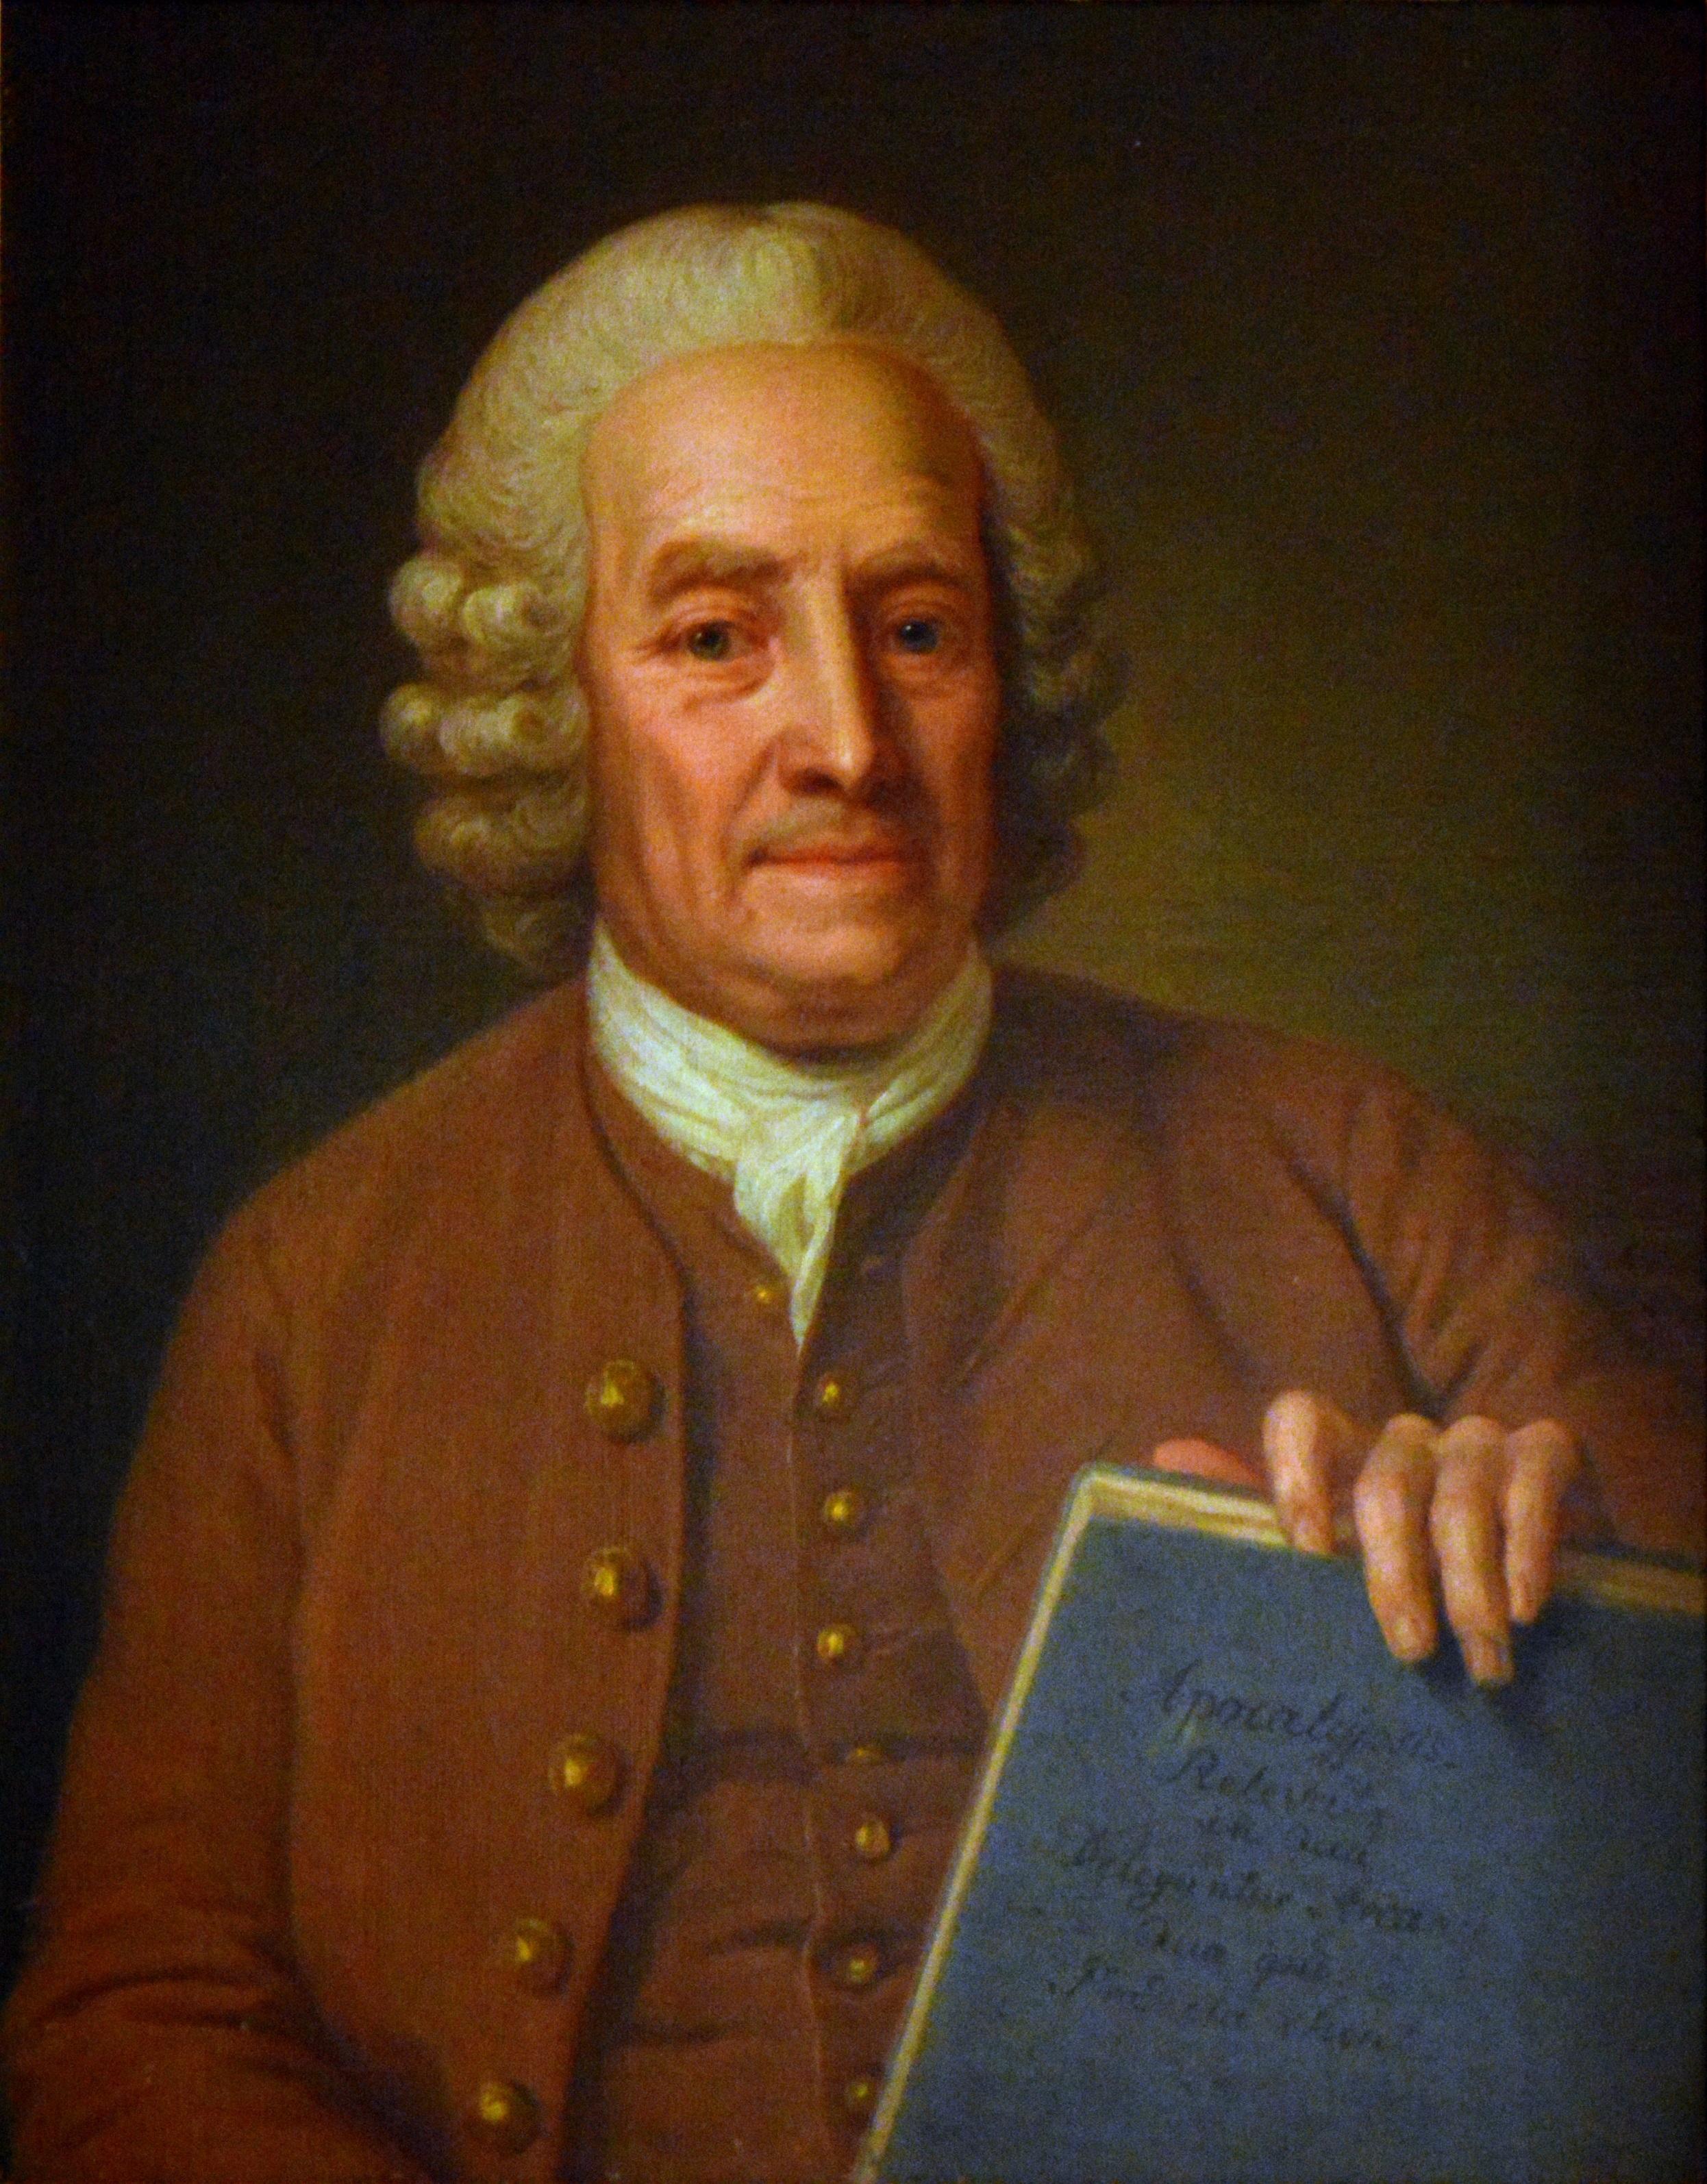 Emanuel Swedenborg (1688 - 1772)